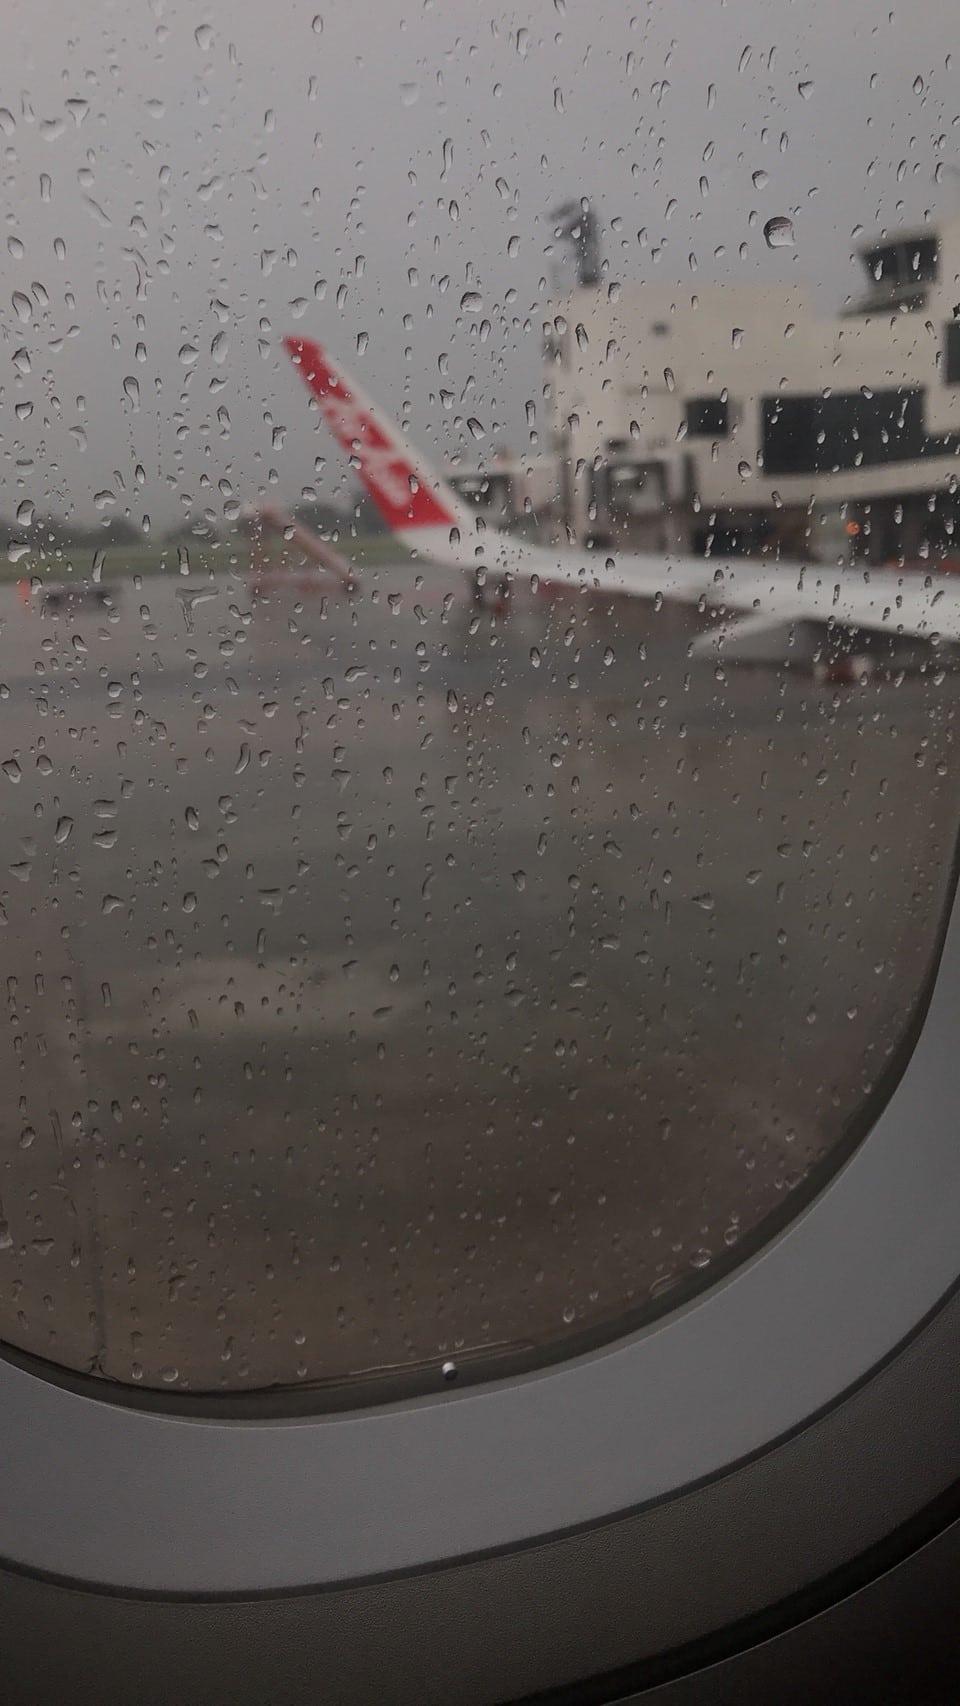 ที่เที่ยวอุดร หนองคาย AirAsiaGo